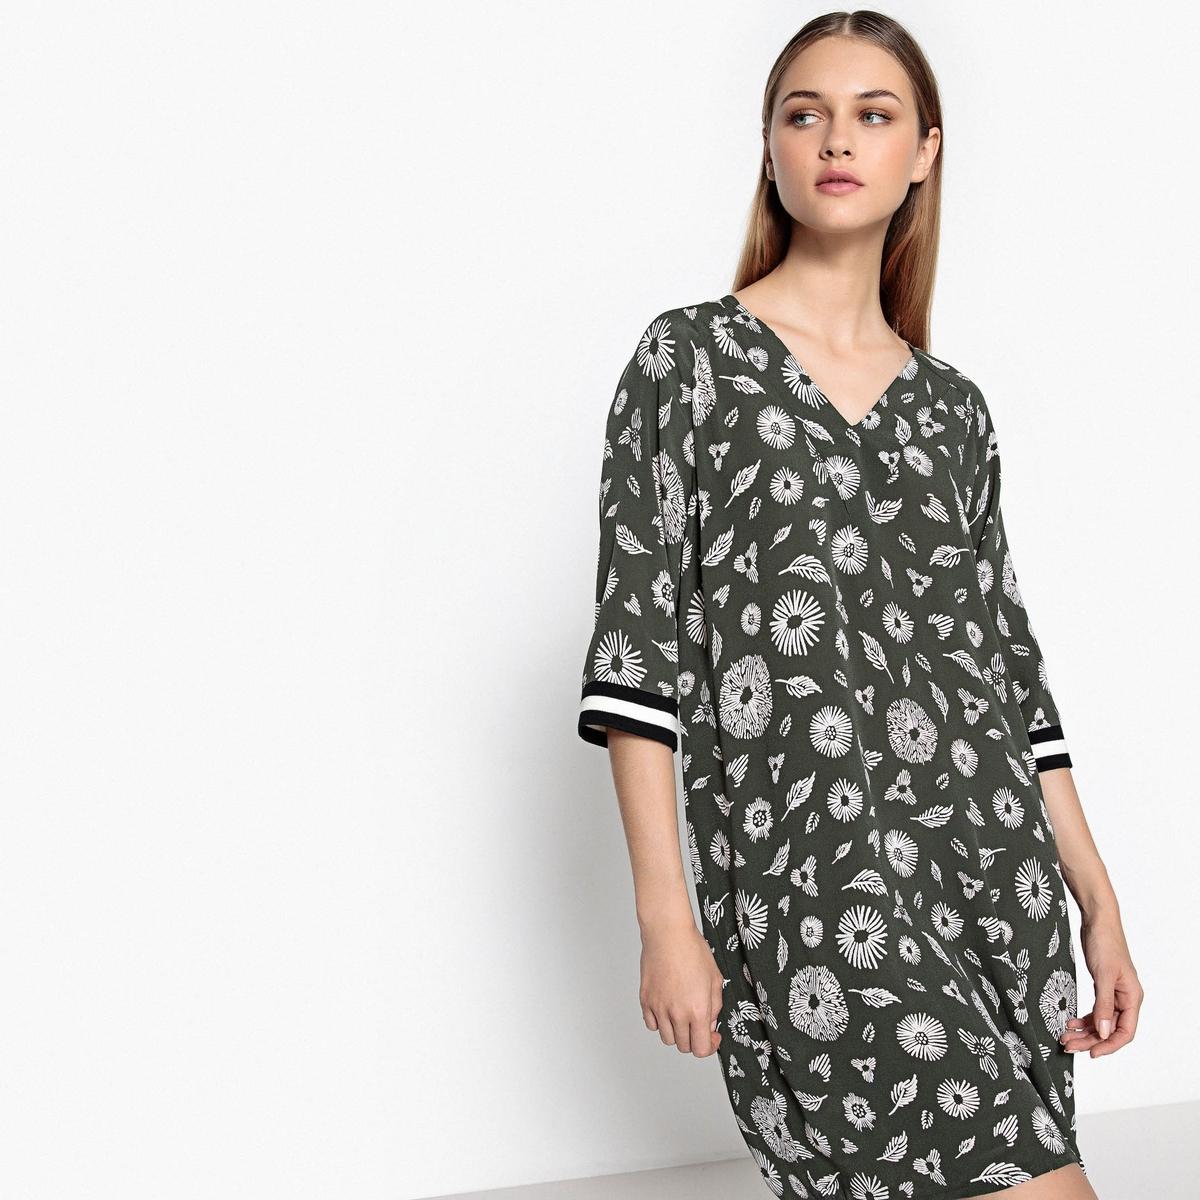 Платье с рисунком в спортивном стилеДетали  •  Форма : прямая •  Длина до колен •  Короткие рукава    •  Круглый вырезСостав и уход  •  100% вискоза •  Следуйте советам по уходу, указанным на этикетке<br><br>Цвет: рисунок/хаки<br>Размер: 38 (FR) - 44 (RUS)